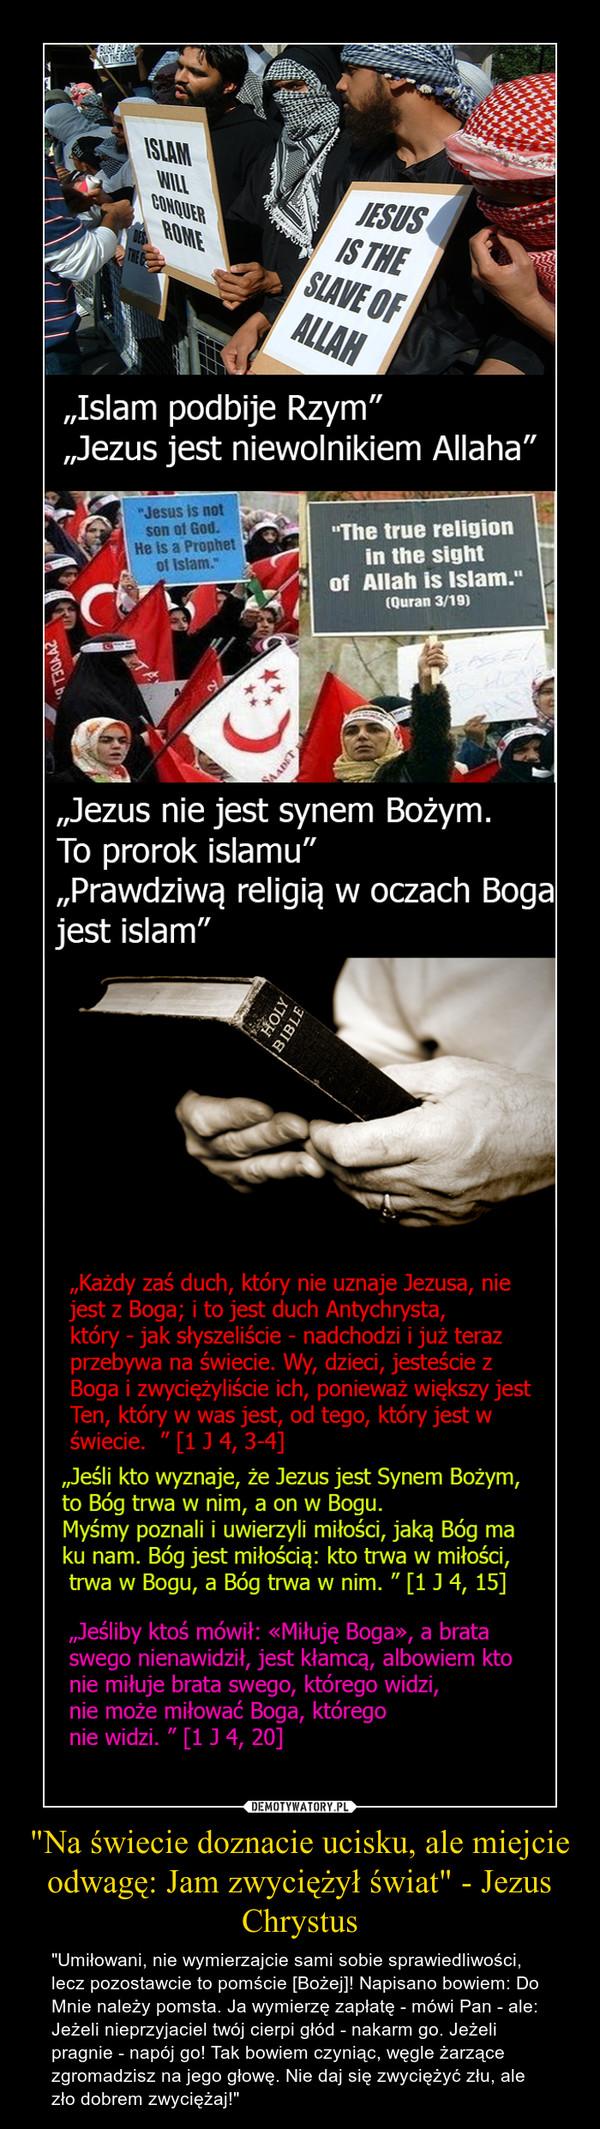 """""""Na świecie doznacie ucisku, ale miejcie odwagę: Jam zwyciężył świat"""" - Jezus Chrystus – """"Umiłowani, nie wymierzajcie sami sobie sprawiedliwości, lecz pozostawcie to pomście [Bożej]! Napisano bowiem: Do Mnie należy pomsta. Ja wymierzę zapłatę - mówi Pan - ale: Jeżeli nieprzyjaciel twój cierpi głód - nakarm go. Jeżeli pragnie - napój go! Tak bowiem czyniąc, węgle żarzące zgromadzisz na jego głowę. Nie daj się zwyciężyć złu, ale zło dobrem zwyciężaj!"""""""